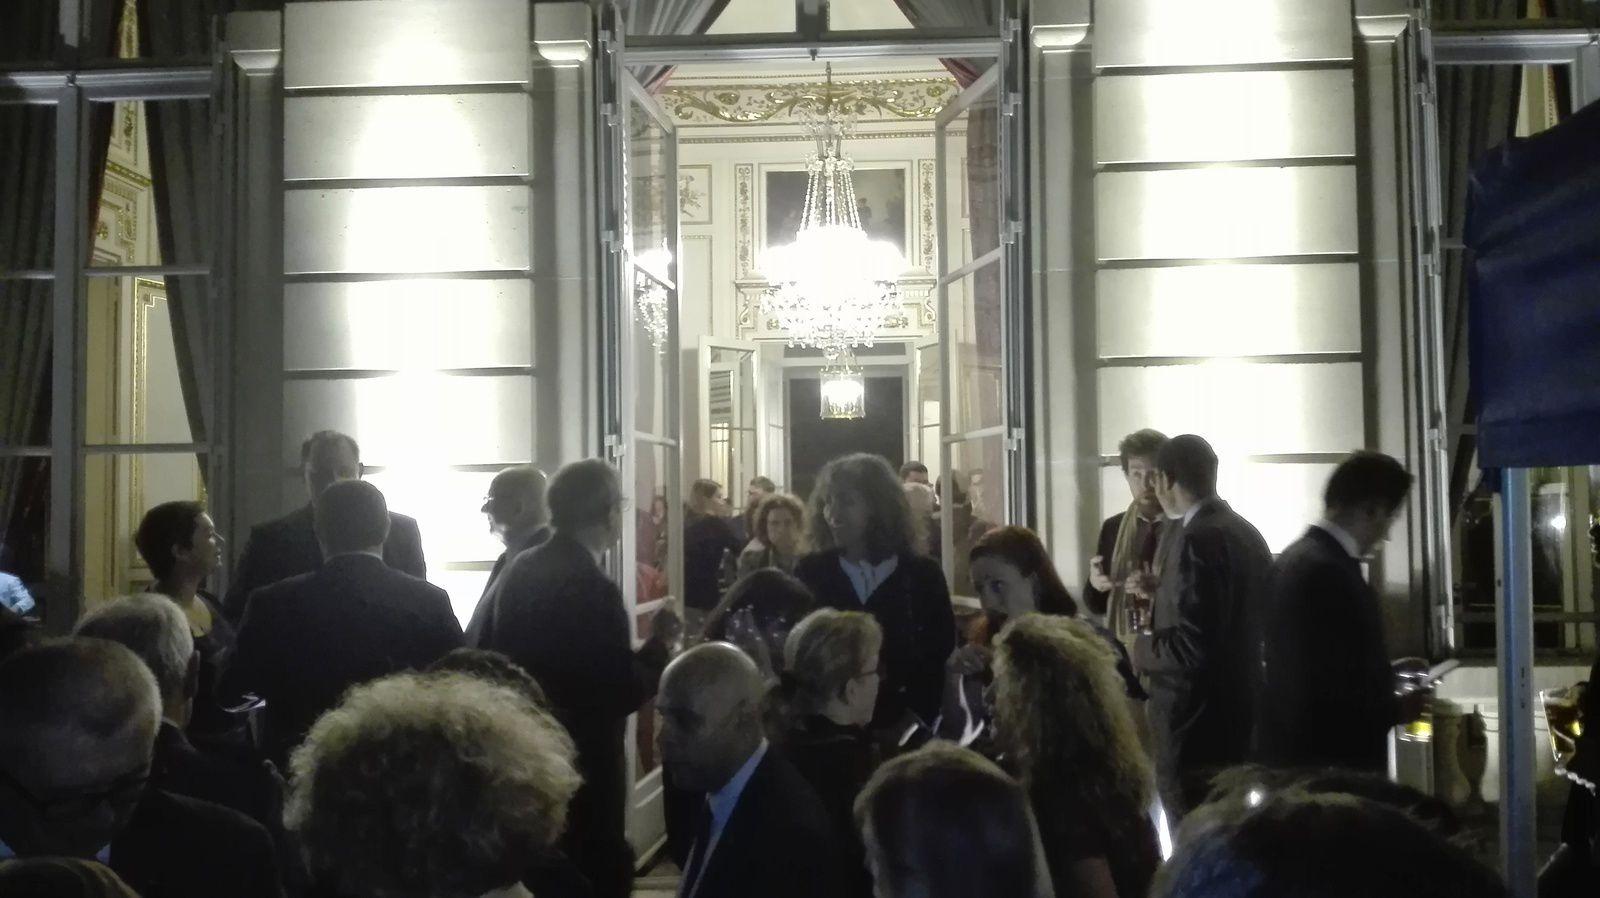 sur une des photos : Monsieur Demir Fitrat ONGER, Président du Centre Culturel Anatolie, Monsieur l'Ambassadeur Huseyin Avni BOTSALI, Monsieur François CHARLES, président de l'I.R.C.E. (institut de recherche et de communication sur l'Europe), Monsieur Ahmet Altay CENGIZER, l'Ambassadeur Délégué Permanent de Turquie auprès de l'UNESCO, Lutfi BILGEN, président de l'U.A.C.T.F. (et membre I.R.C.E.) à l'Ambassade de Turquie à l'occasion de la Fête Nationale.